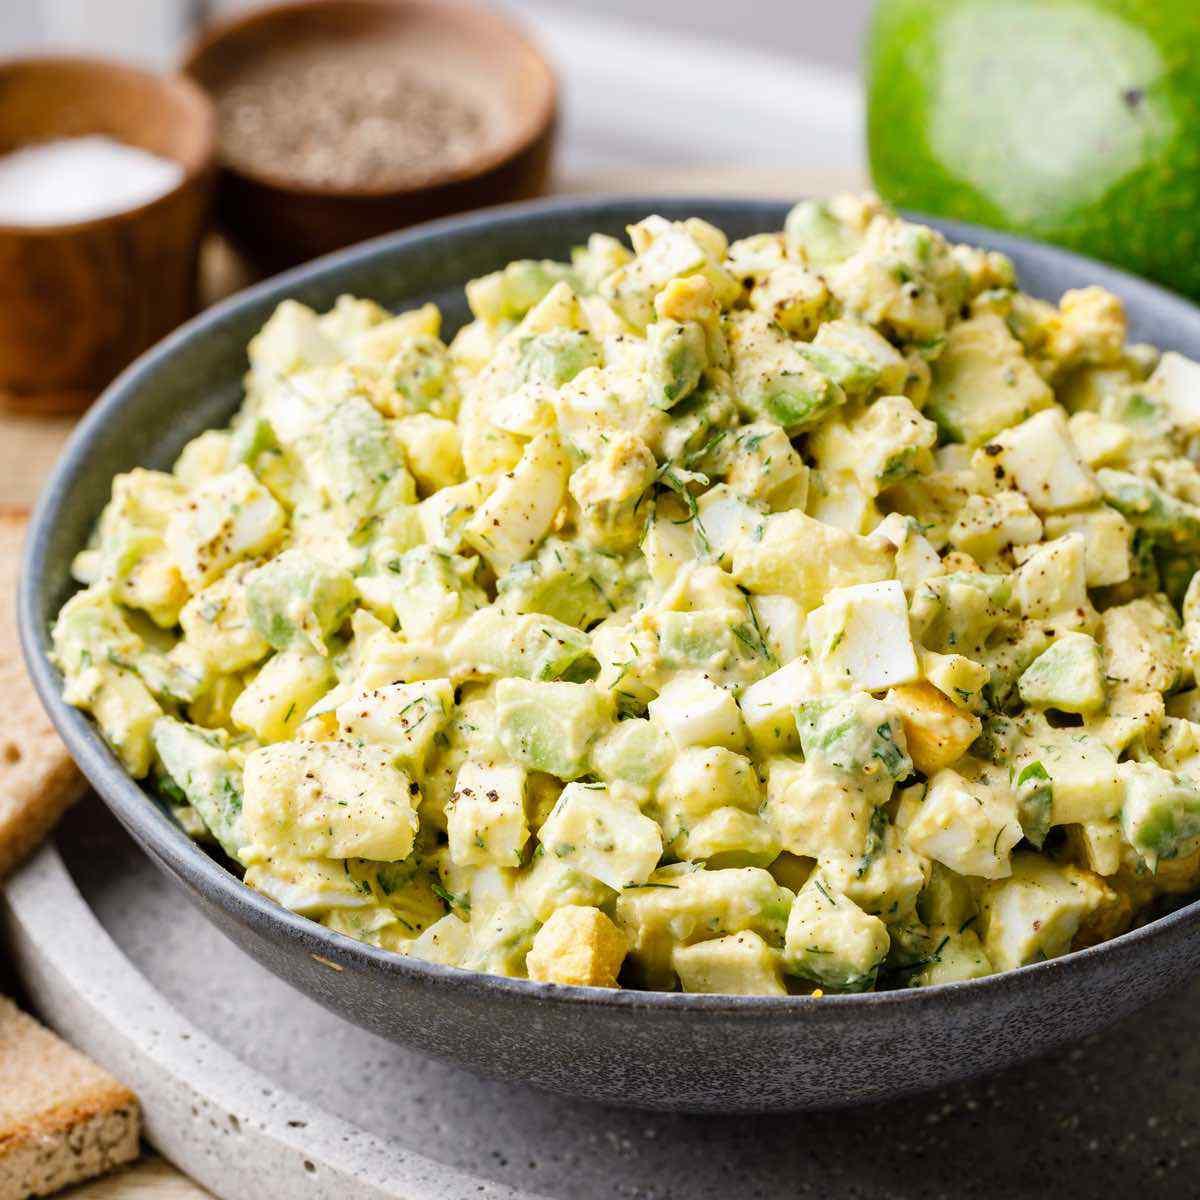 Egg Salad Recipe Without Mayo